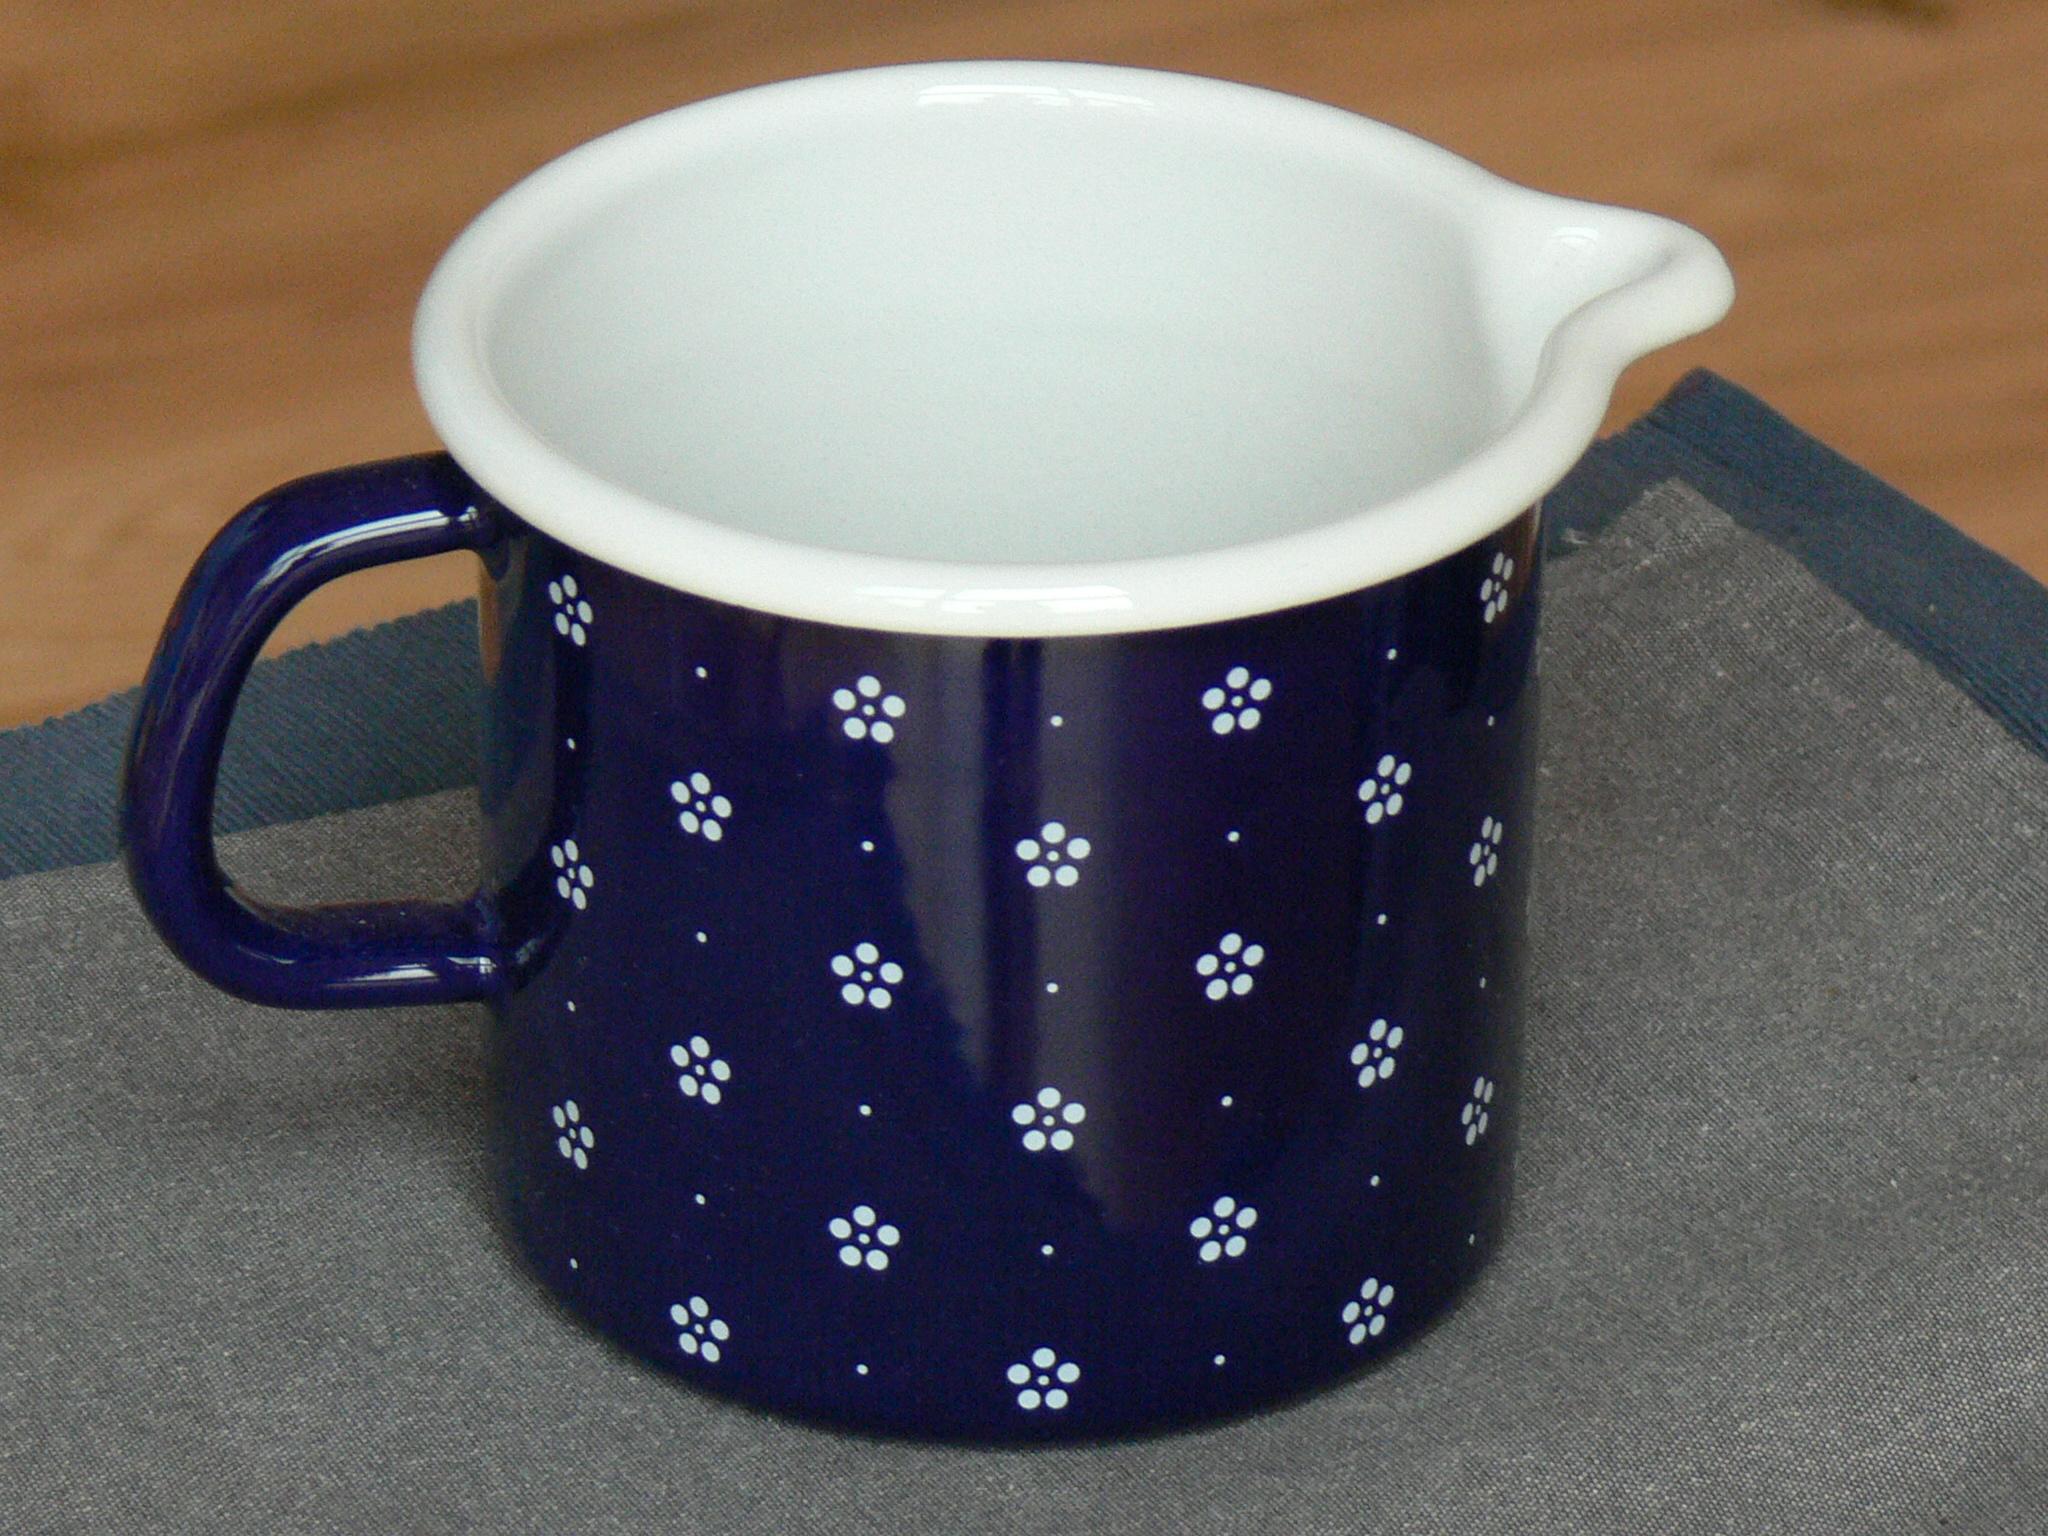 Plechový hrnek s nálevkou modrý, vzor květ objem 1 l